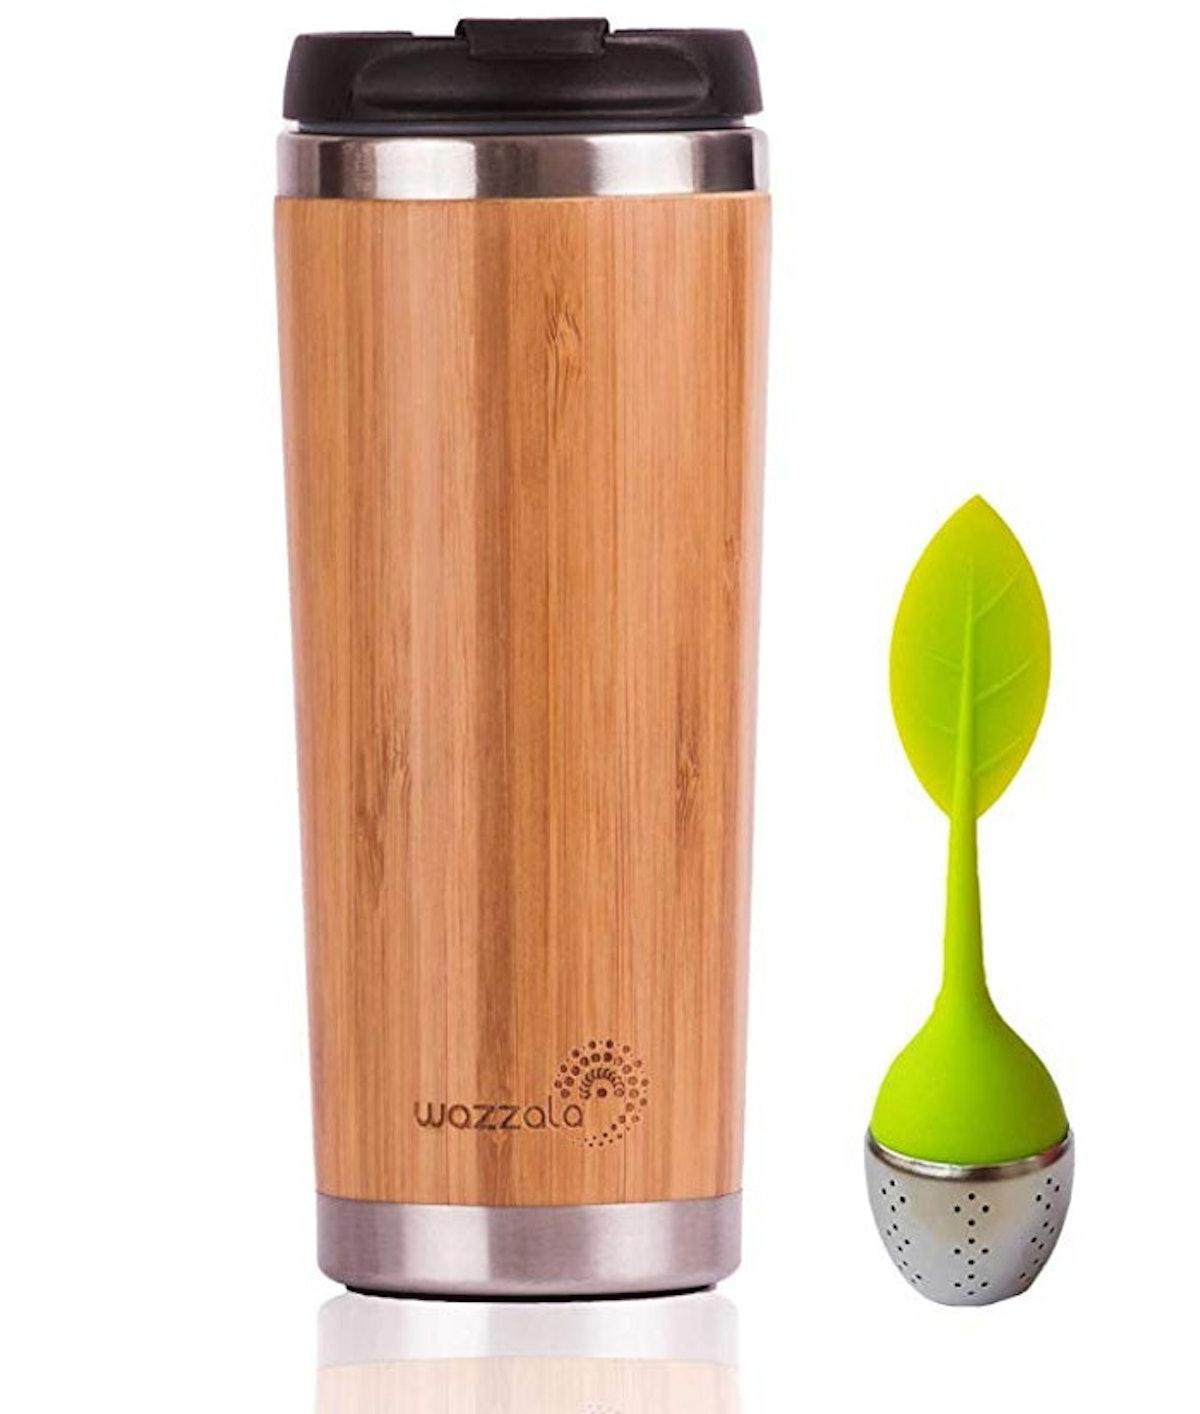 Wazzala Elegant Reusable Bamboo Eco Travel Mug